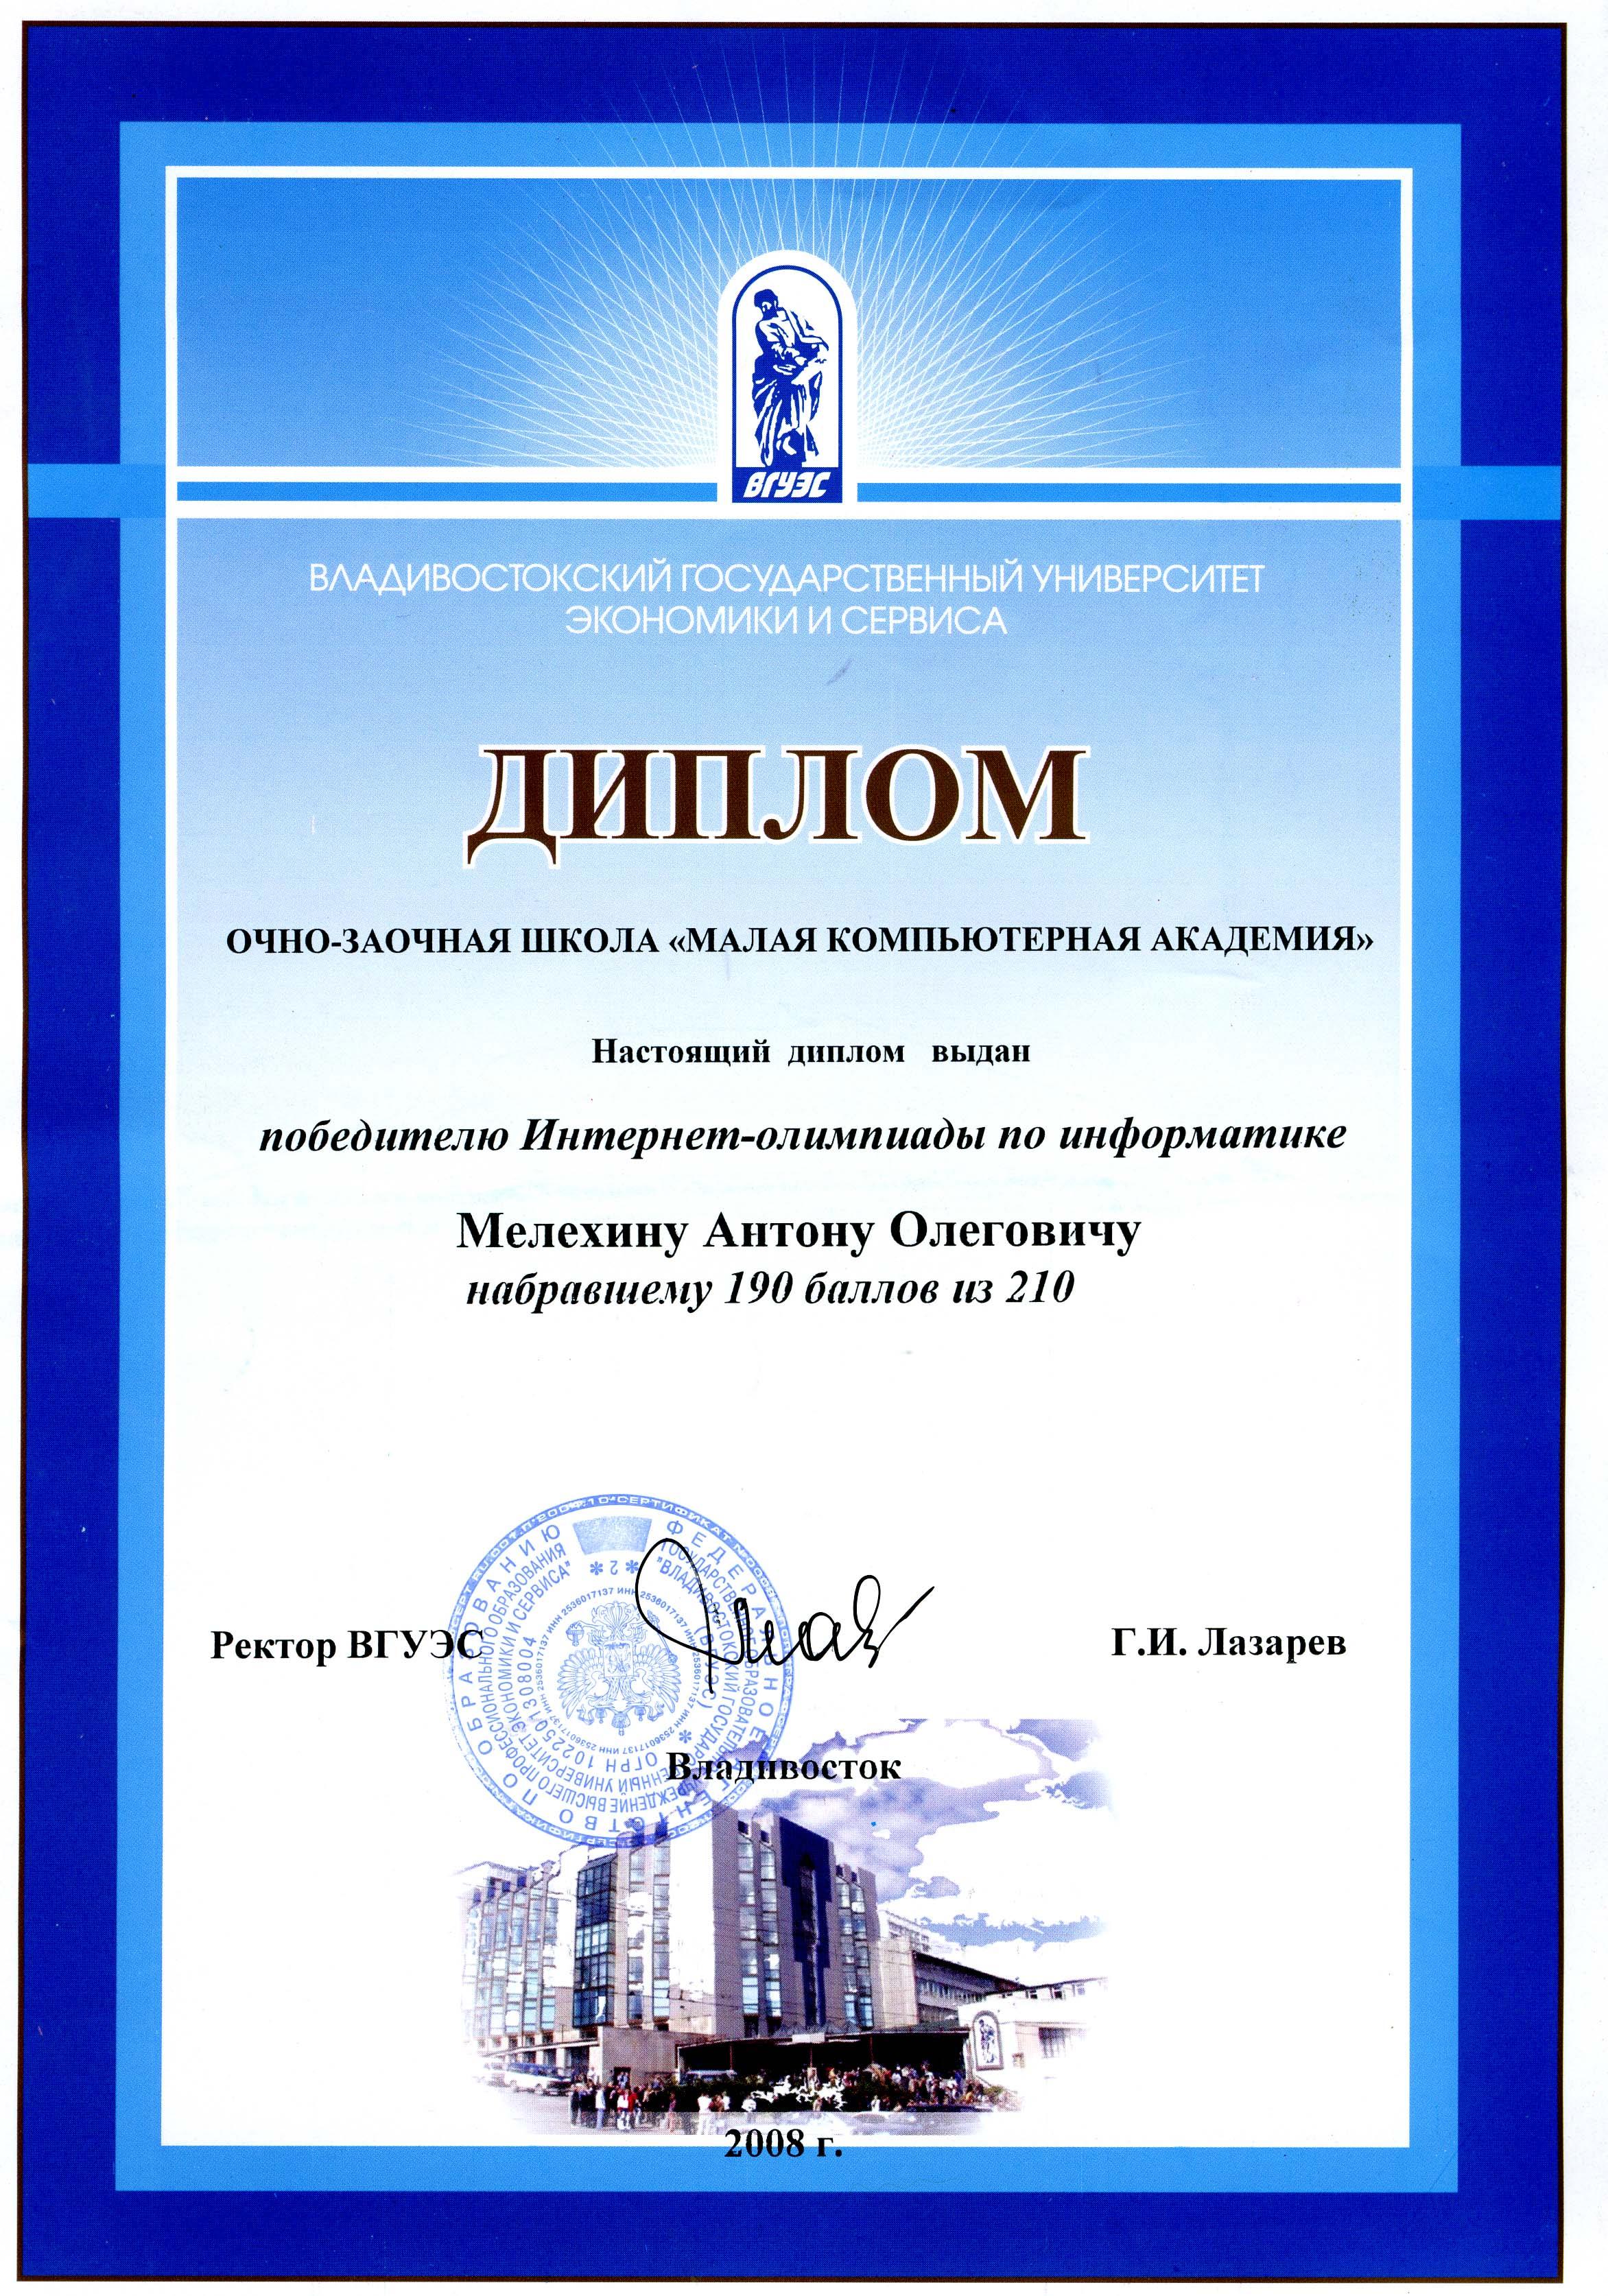 Официальный сайт МОУСОШ № г Копейска Достижения моих учеников  2008 год Мелехин Антон победитель Интернет олимпиады по информатике >> Диплом